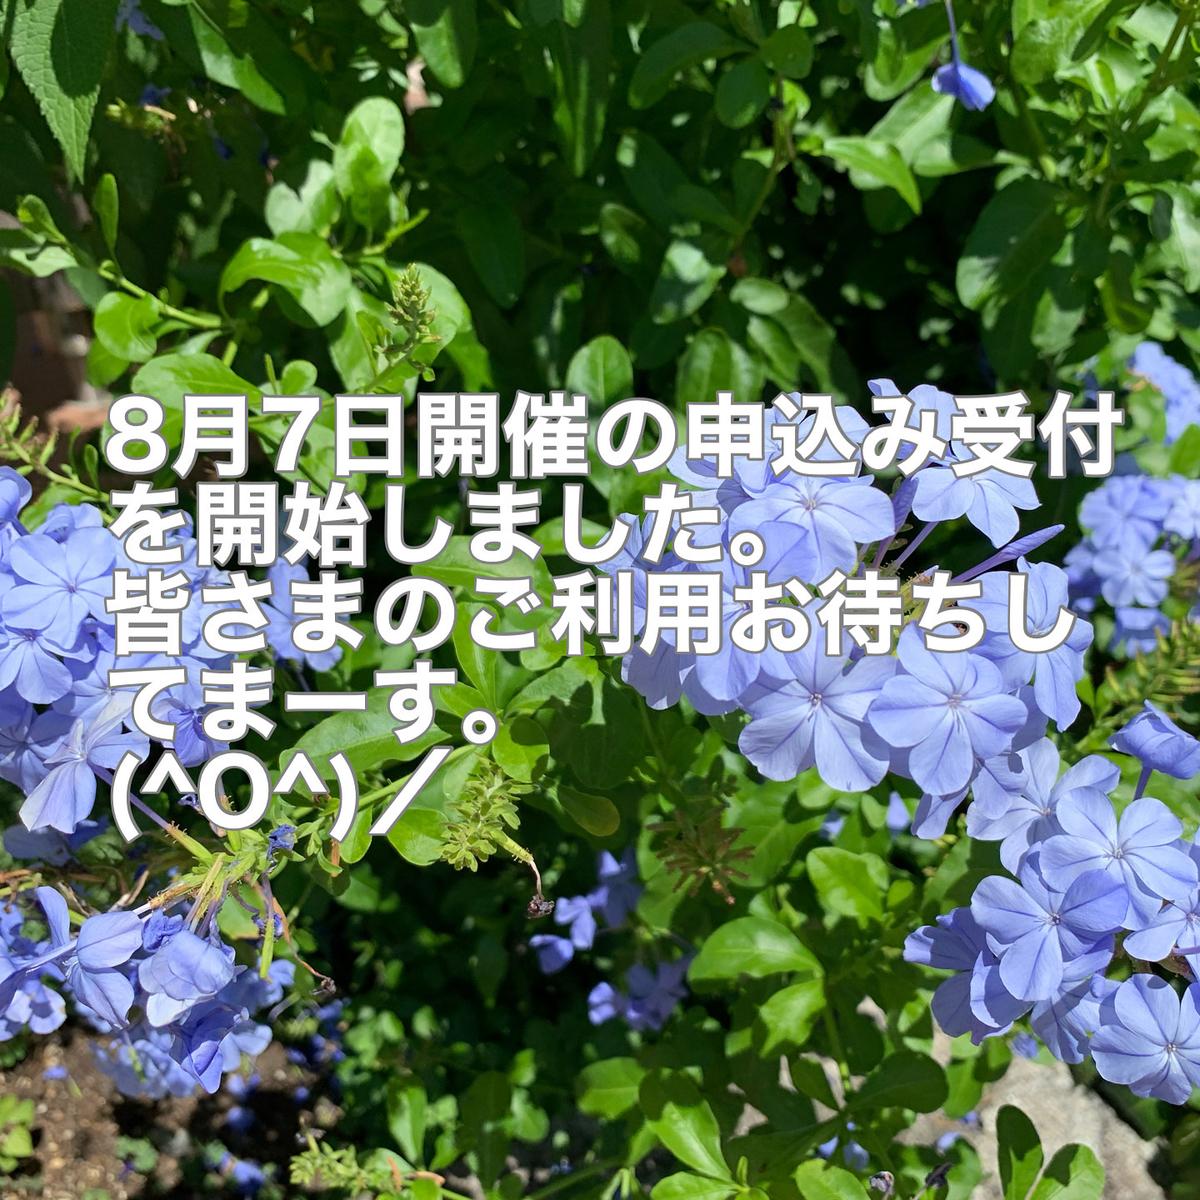 f:id:wakuwakukitchen:20210718150741j:plain